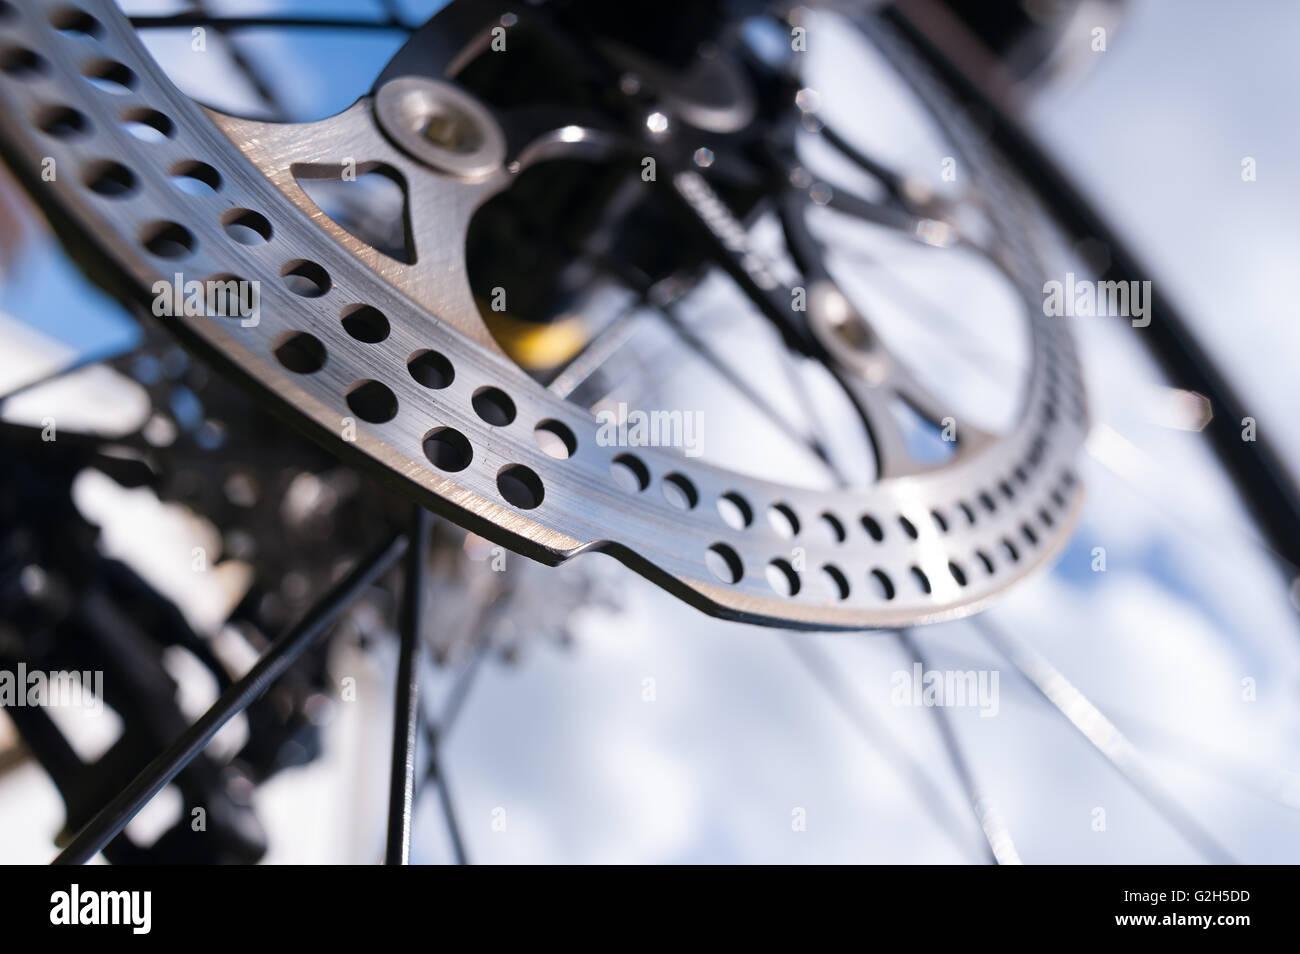 Freno de disco de metal de acero en bicicleta de carretera dando una gran ruptura brusca de la capacidad de detención, Imagen De Stock